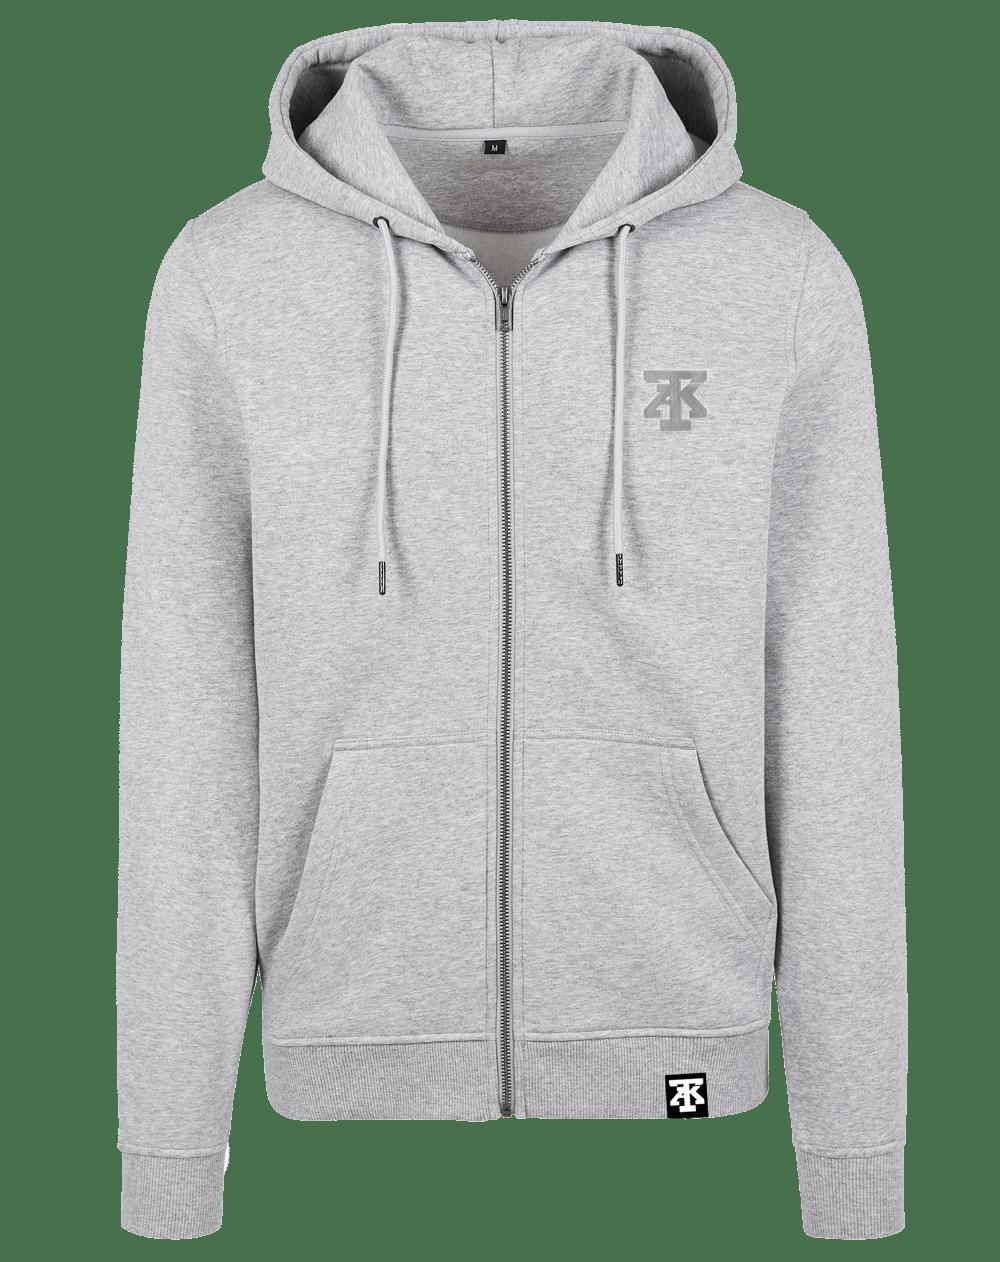 TAK Zip Hoodie Sweatshirt Grey